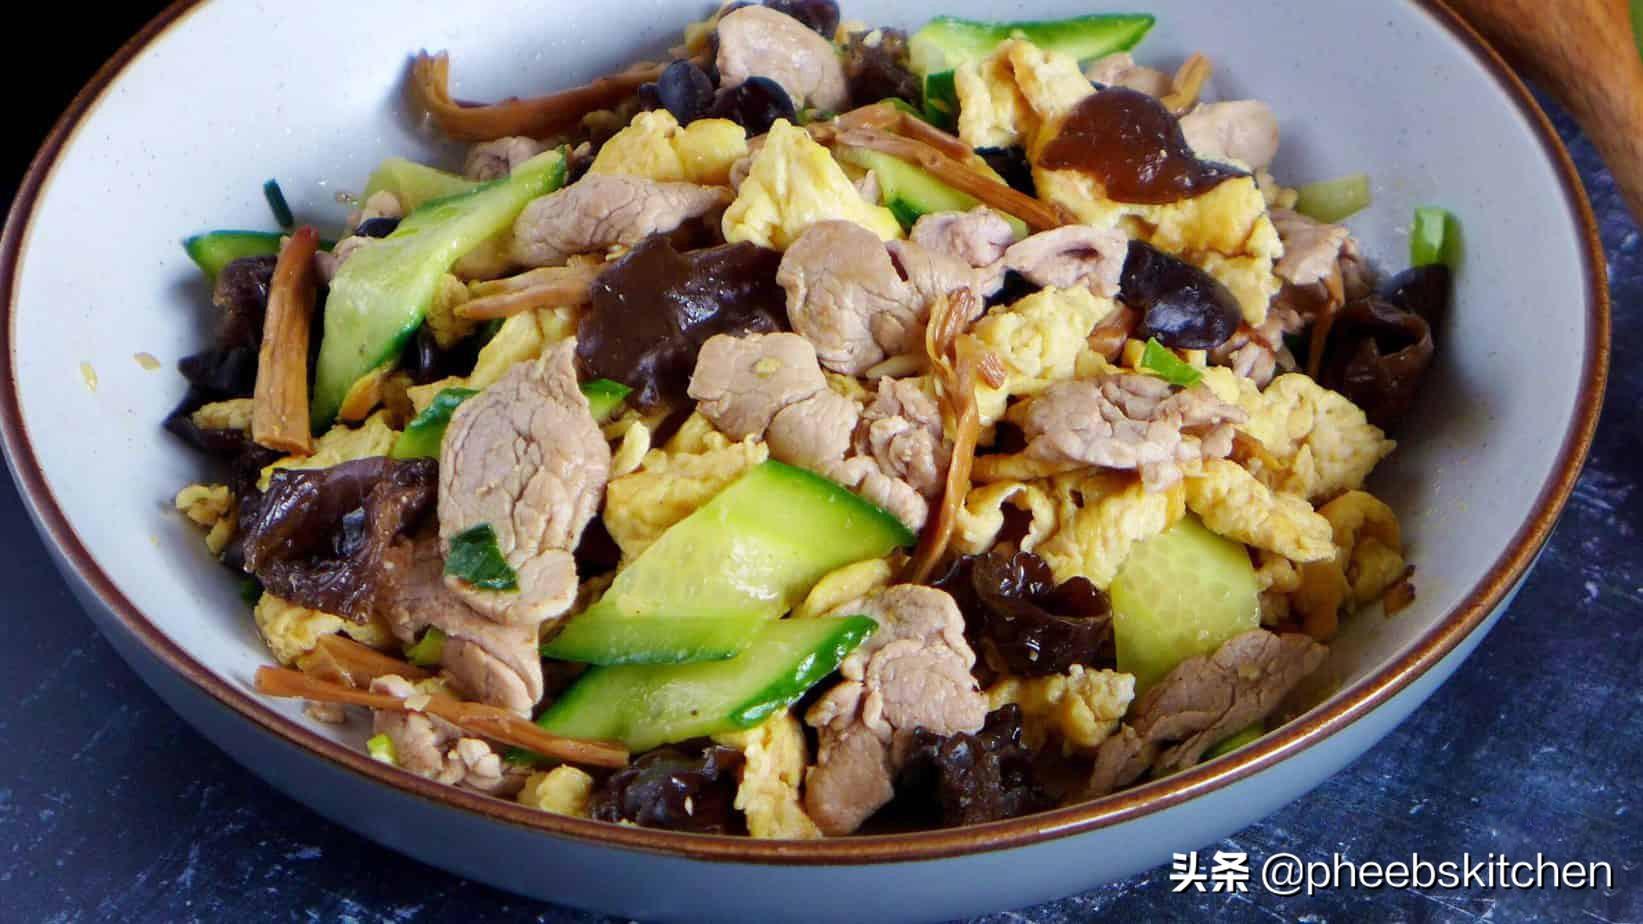 山东传统菜木须肉,营养丰富,很适合老人和孩子,家常做法 美食做法 第12张